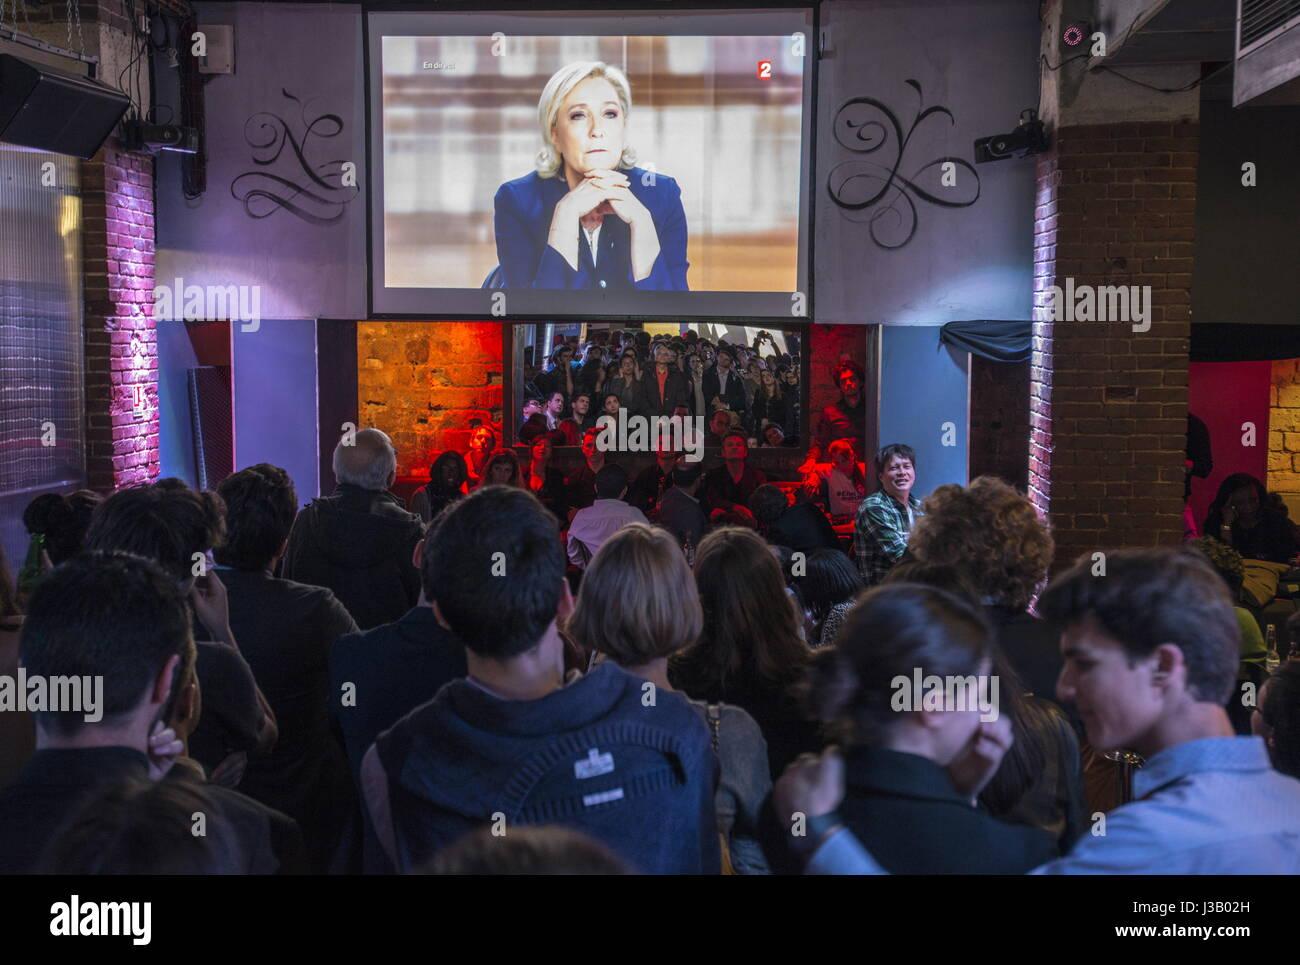 Parigi, Francia. Il 3 maggio, 2017. La gente guarda una trasmissione del dibattito televisivo francese tra candidati Immagini Stock